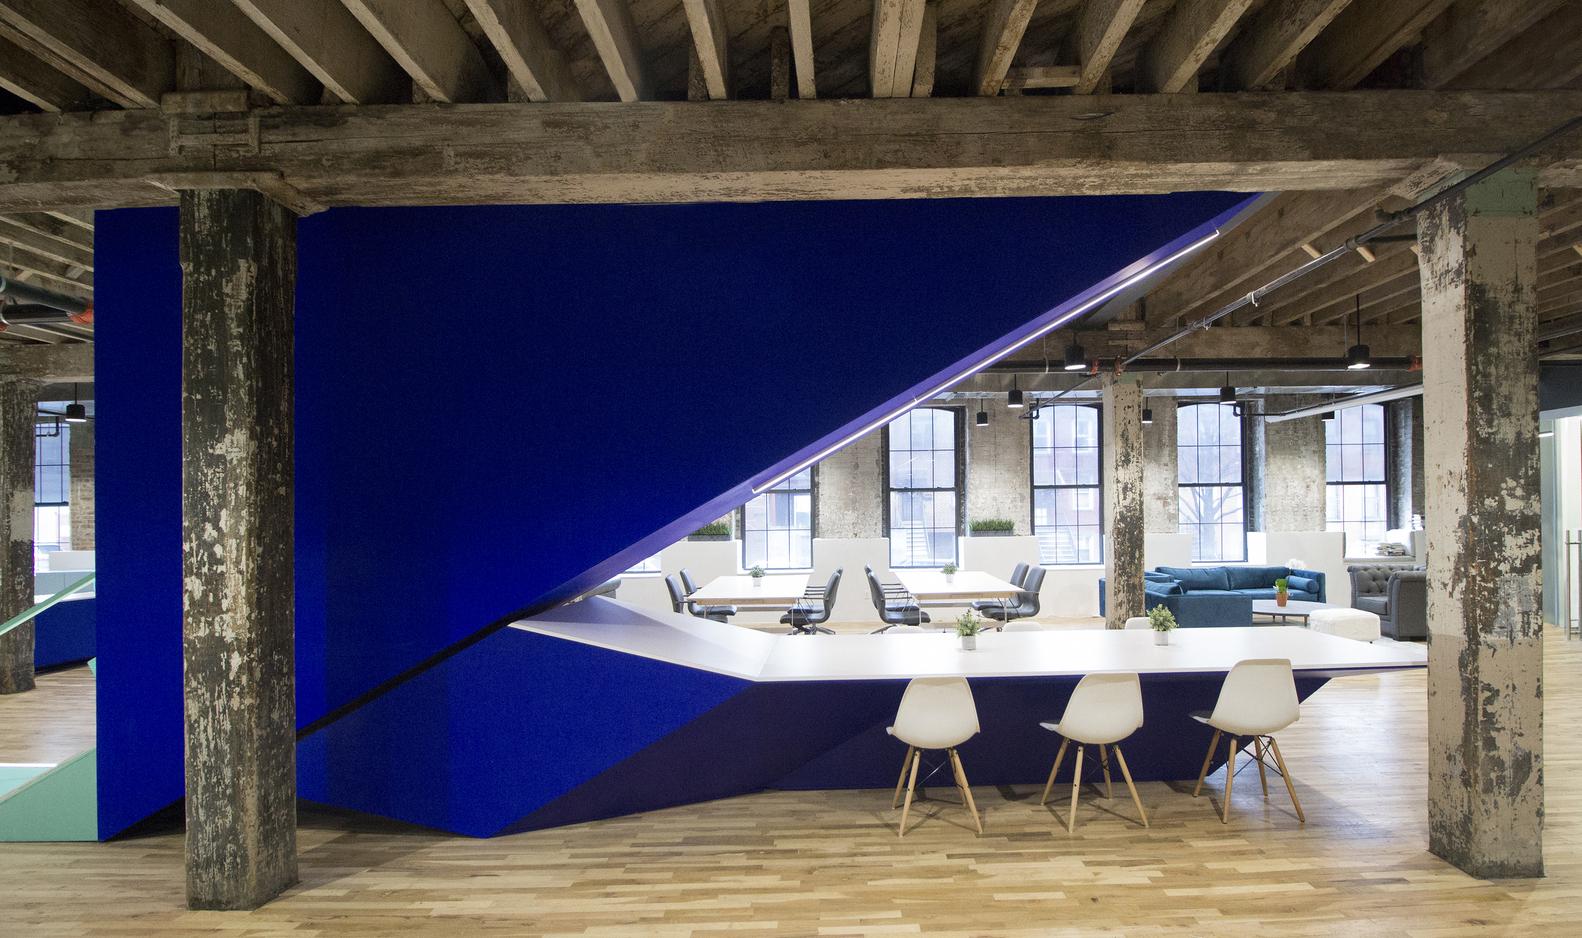 LEESER_COWORKRS_MAIN_STAIR-DESK_credit_LEESER_ARCHITECTURE